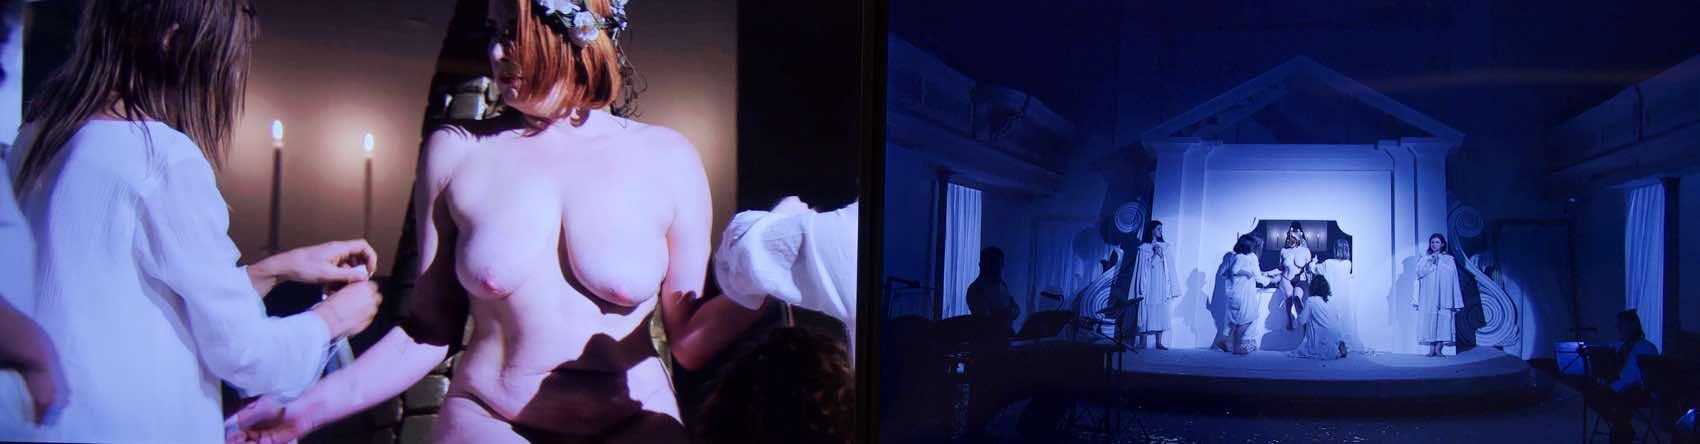 En lang video i all sin nakenhet: Erotisk kunst i London pg temmelig spesielt